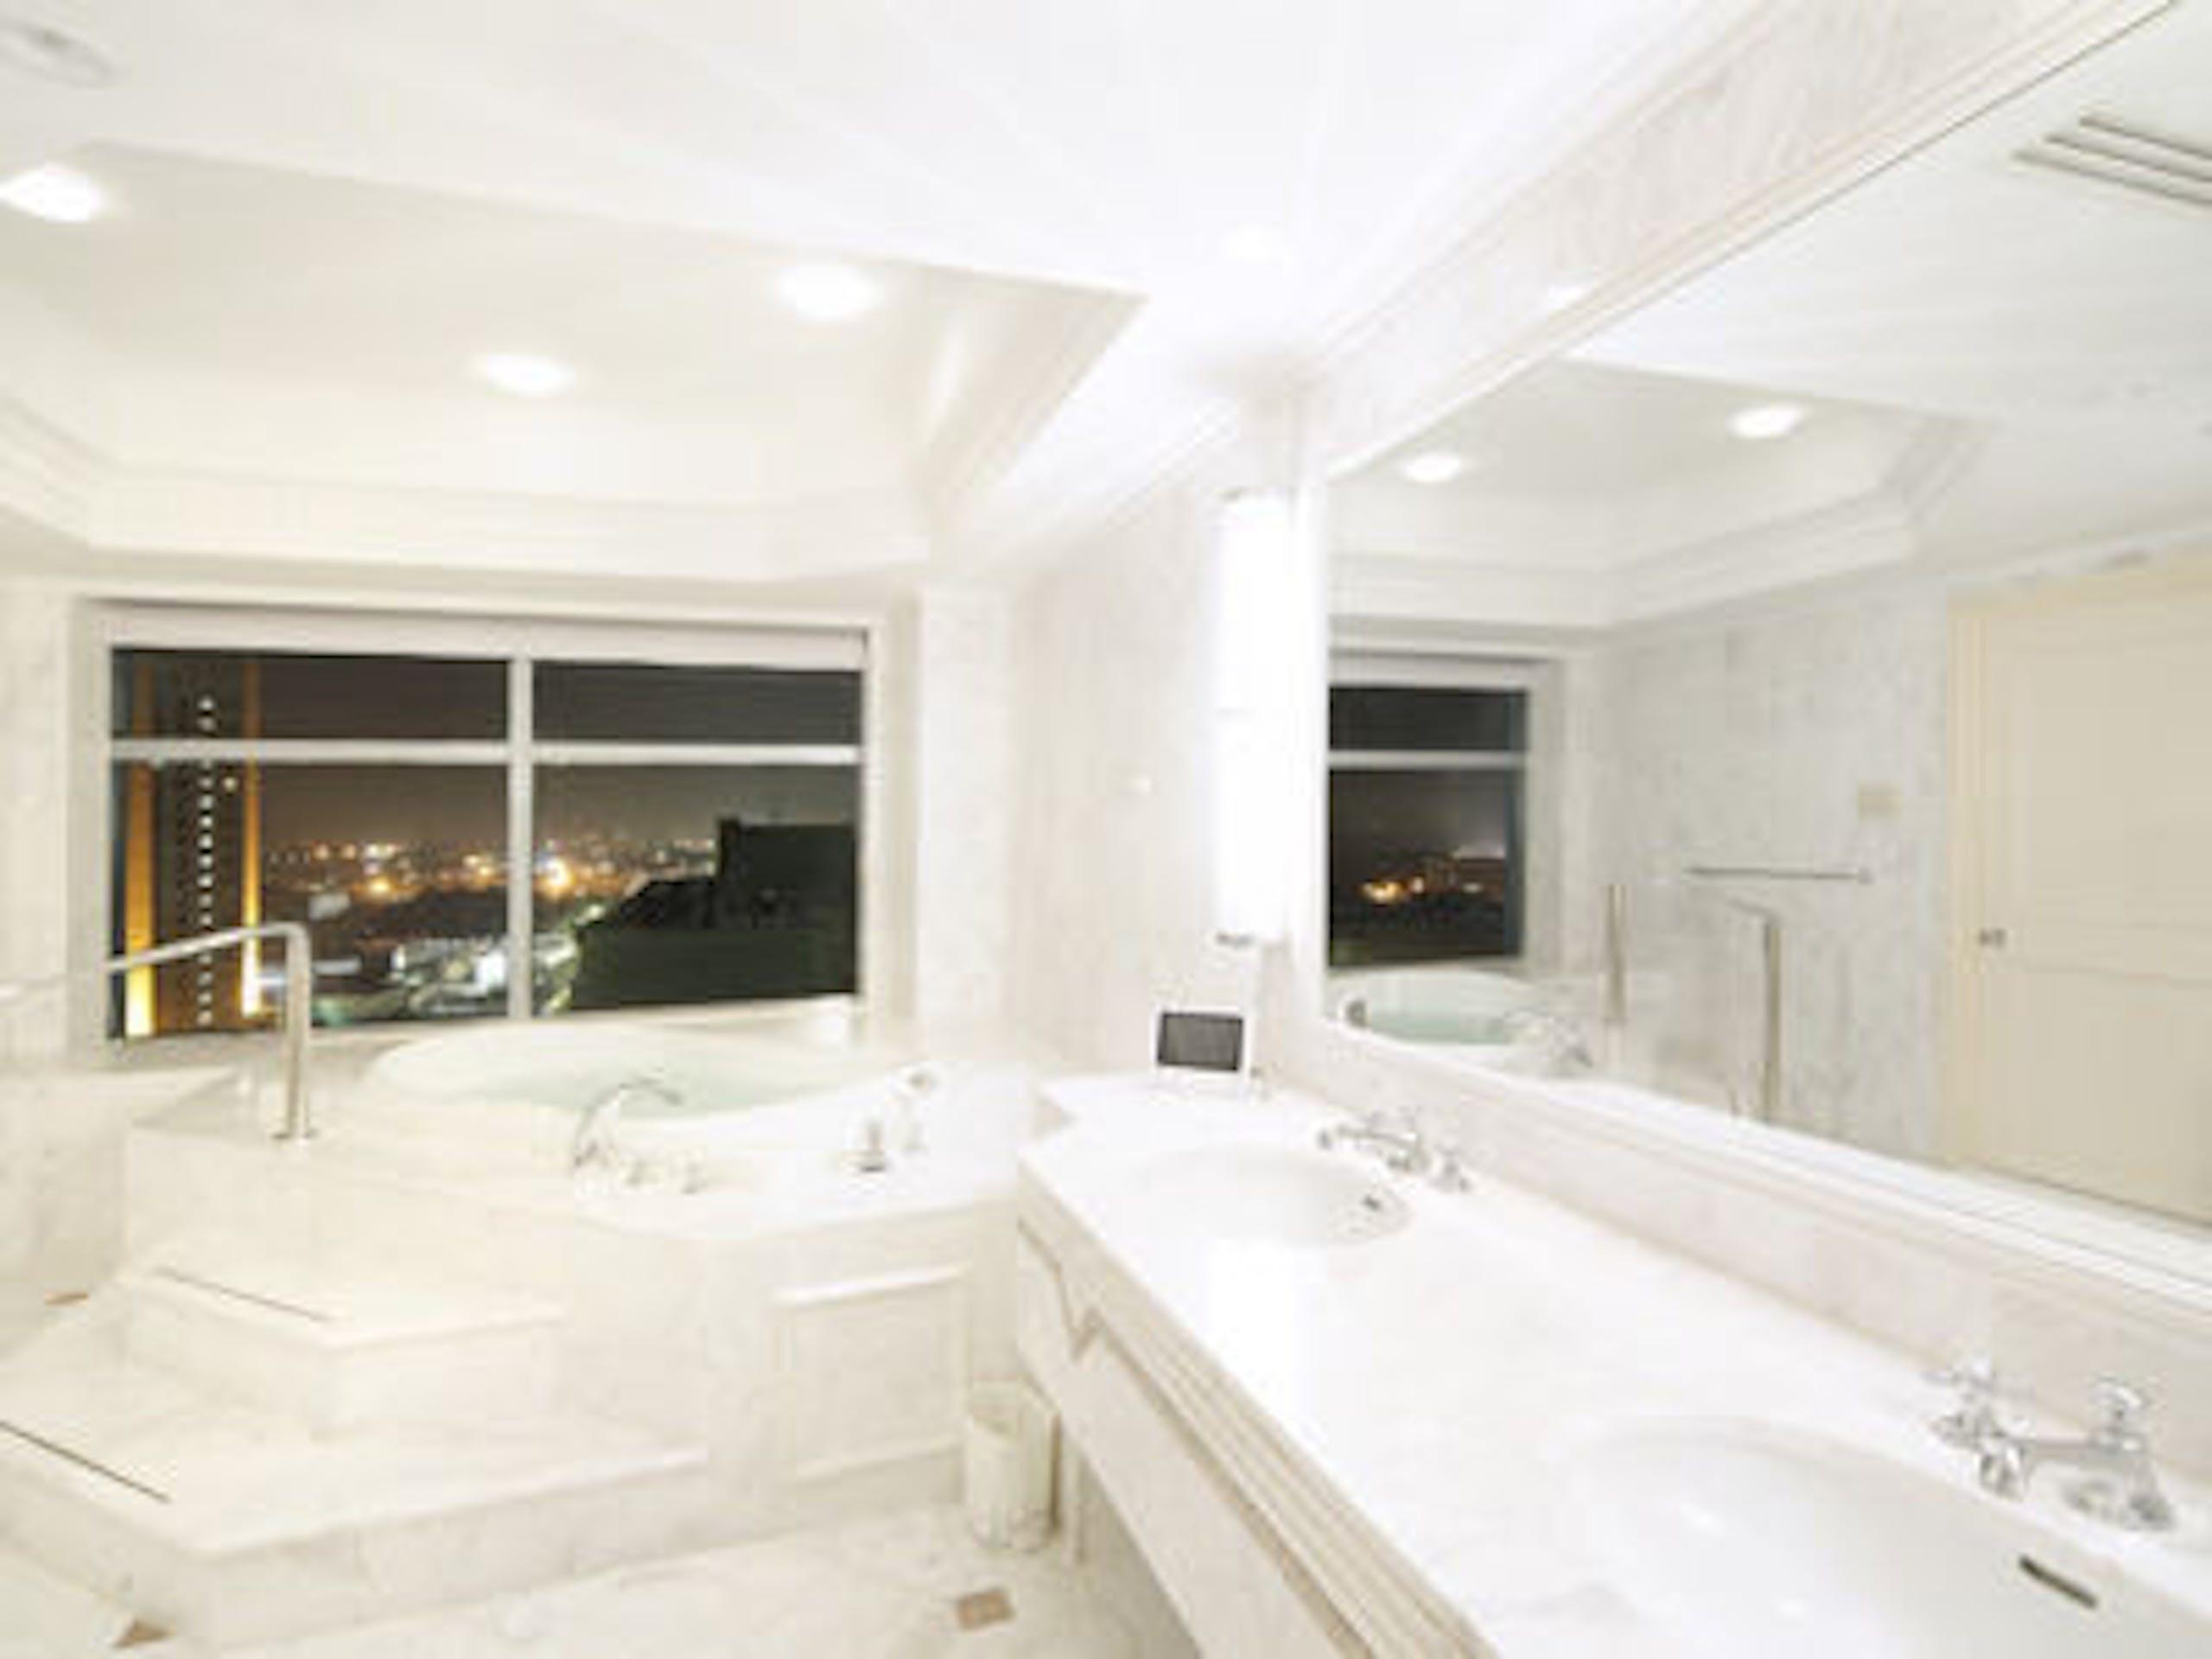 ホテル ザ・マンハッタン プラザスイートバスルーム